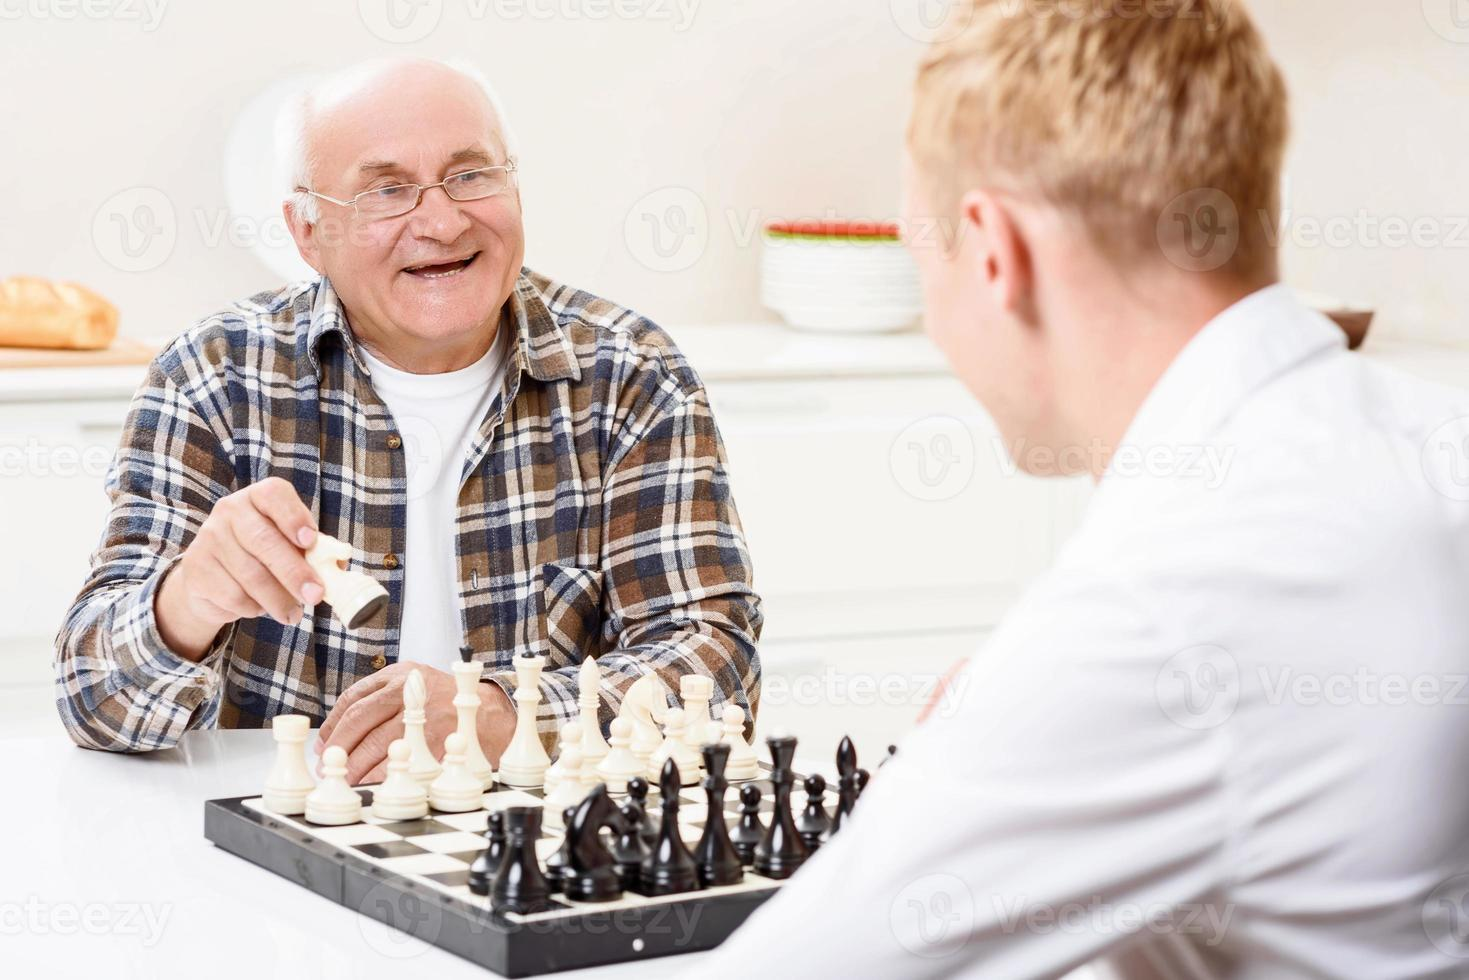 petit-fils et grand-père jouant aux échecs dans la cuisine photo